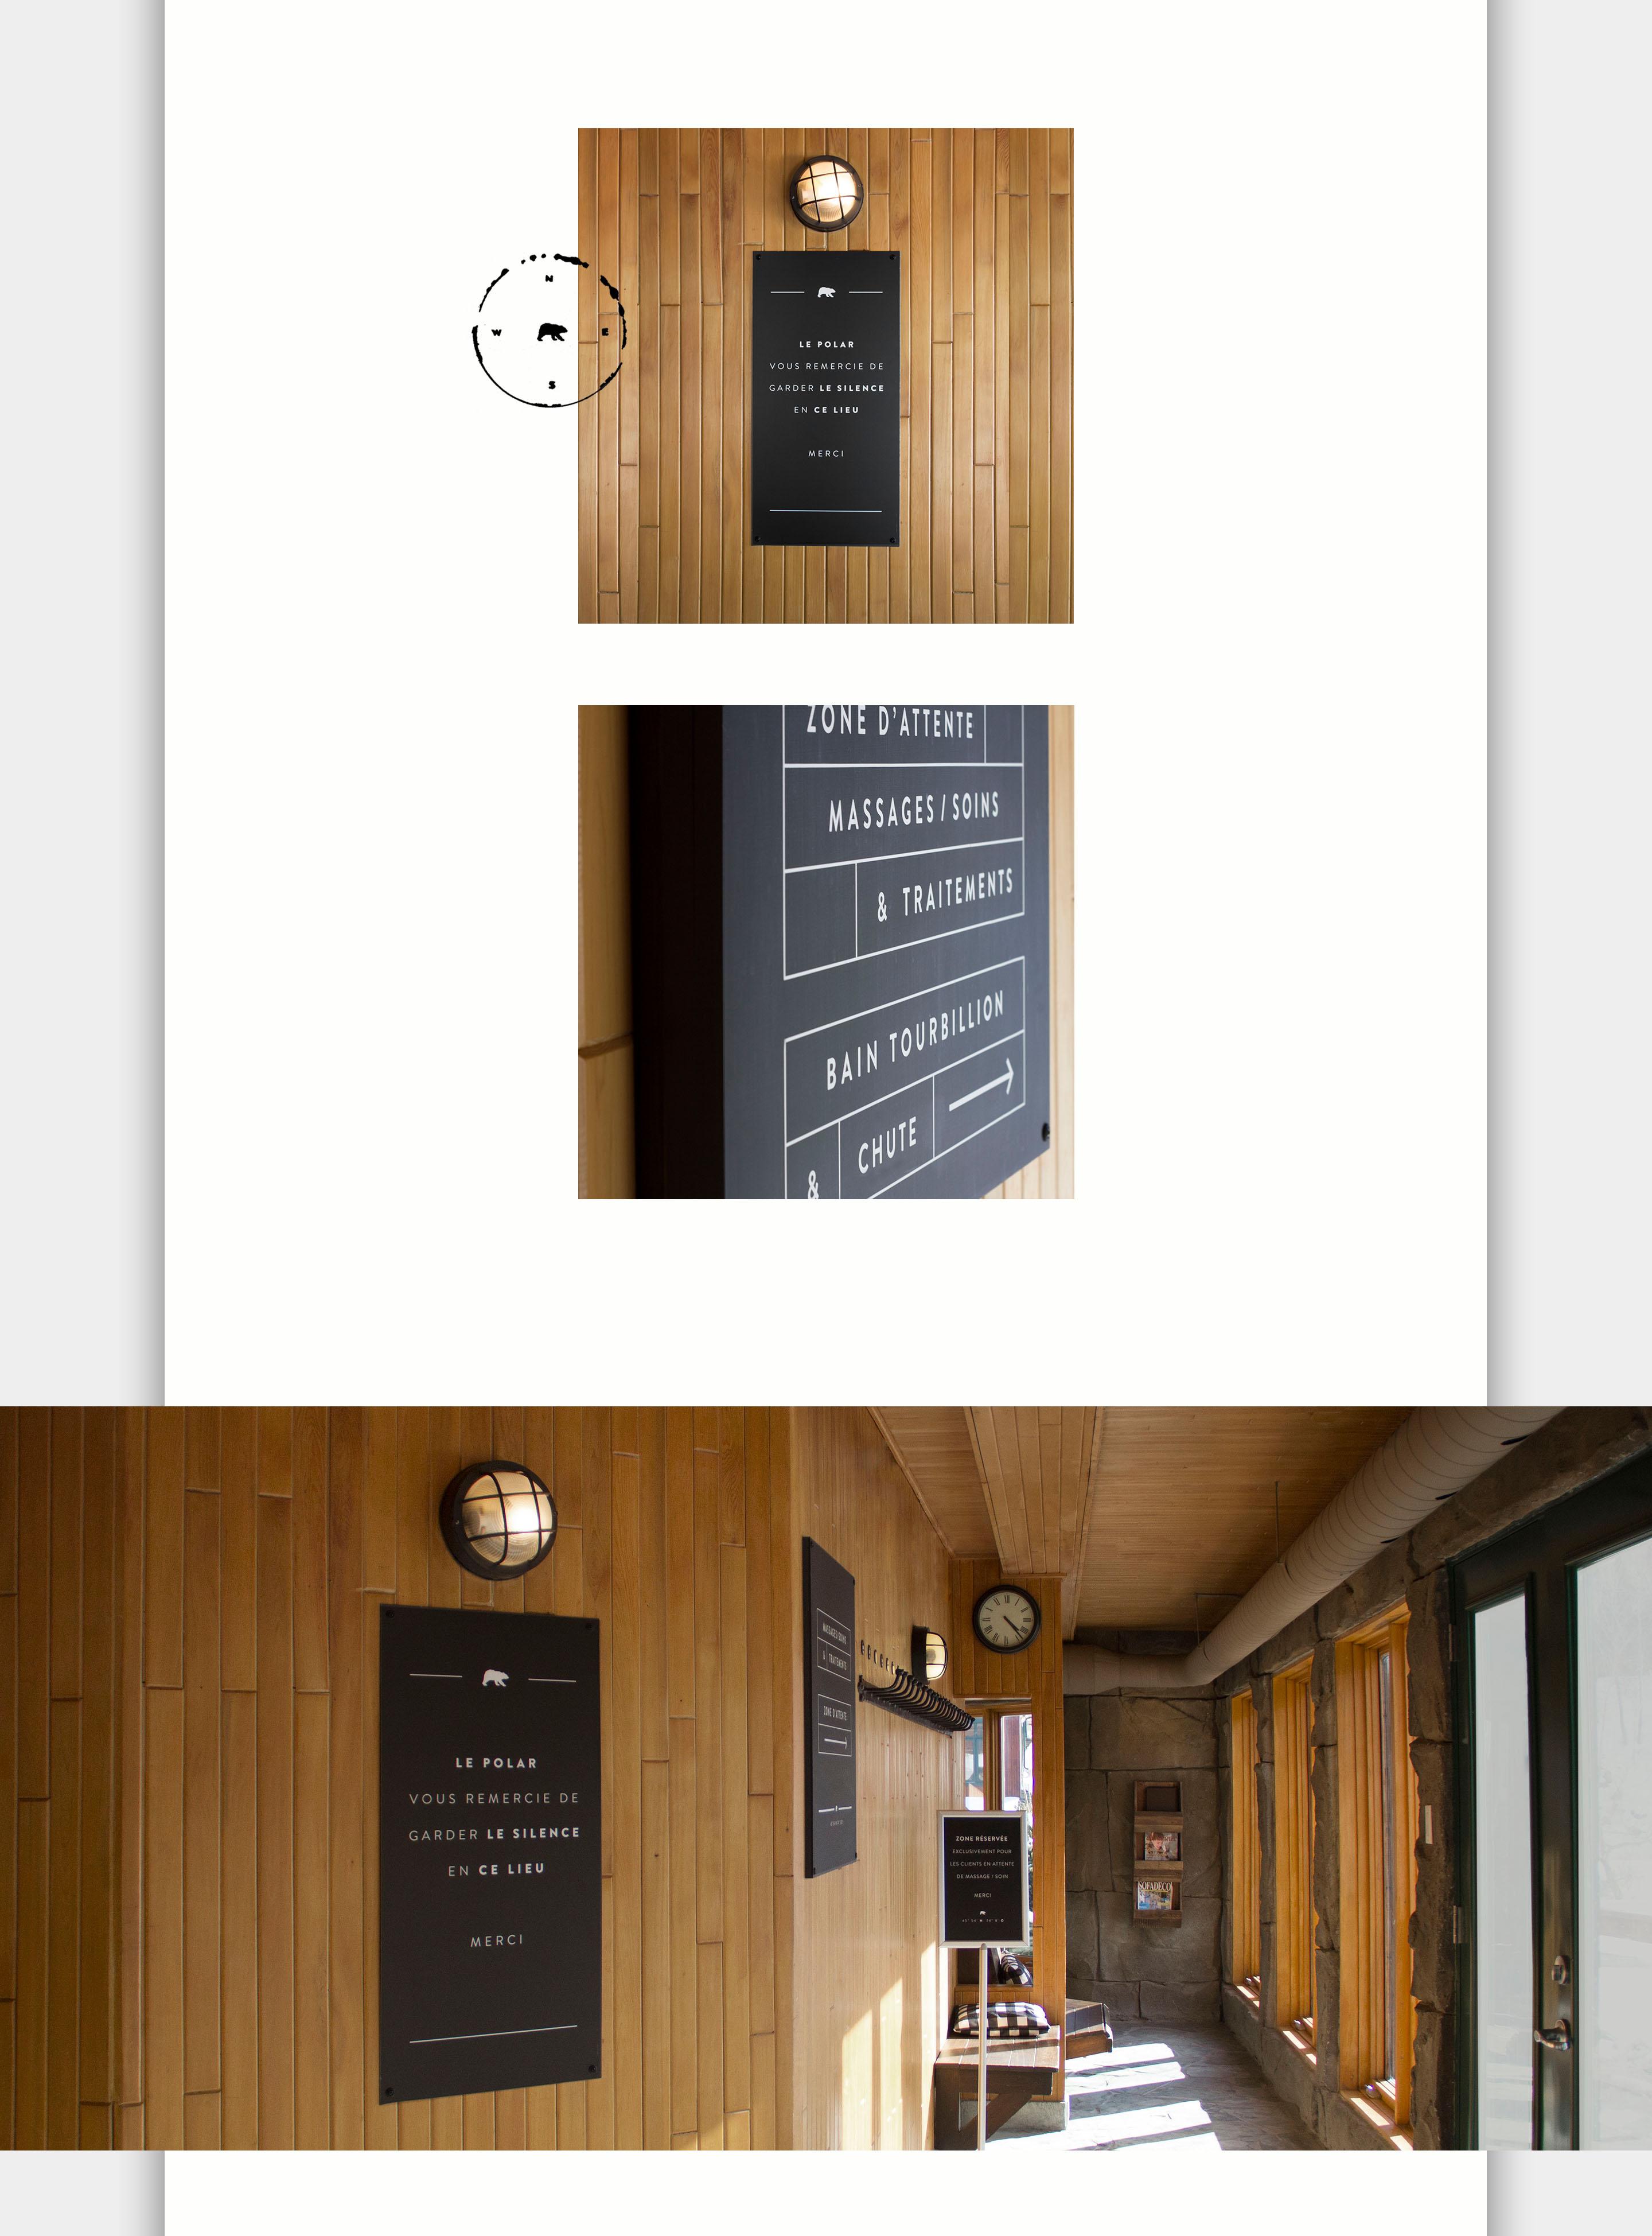 北极熊俱乐部导视系统设计© Leonardo Studio Design